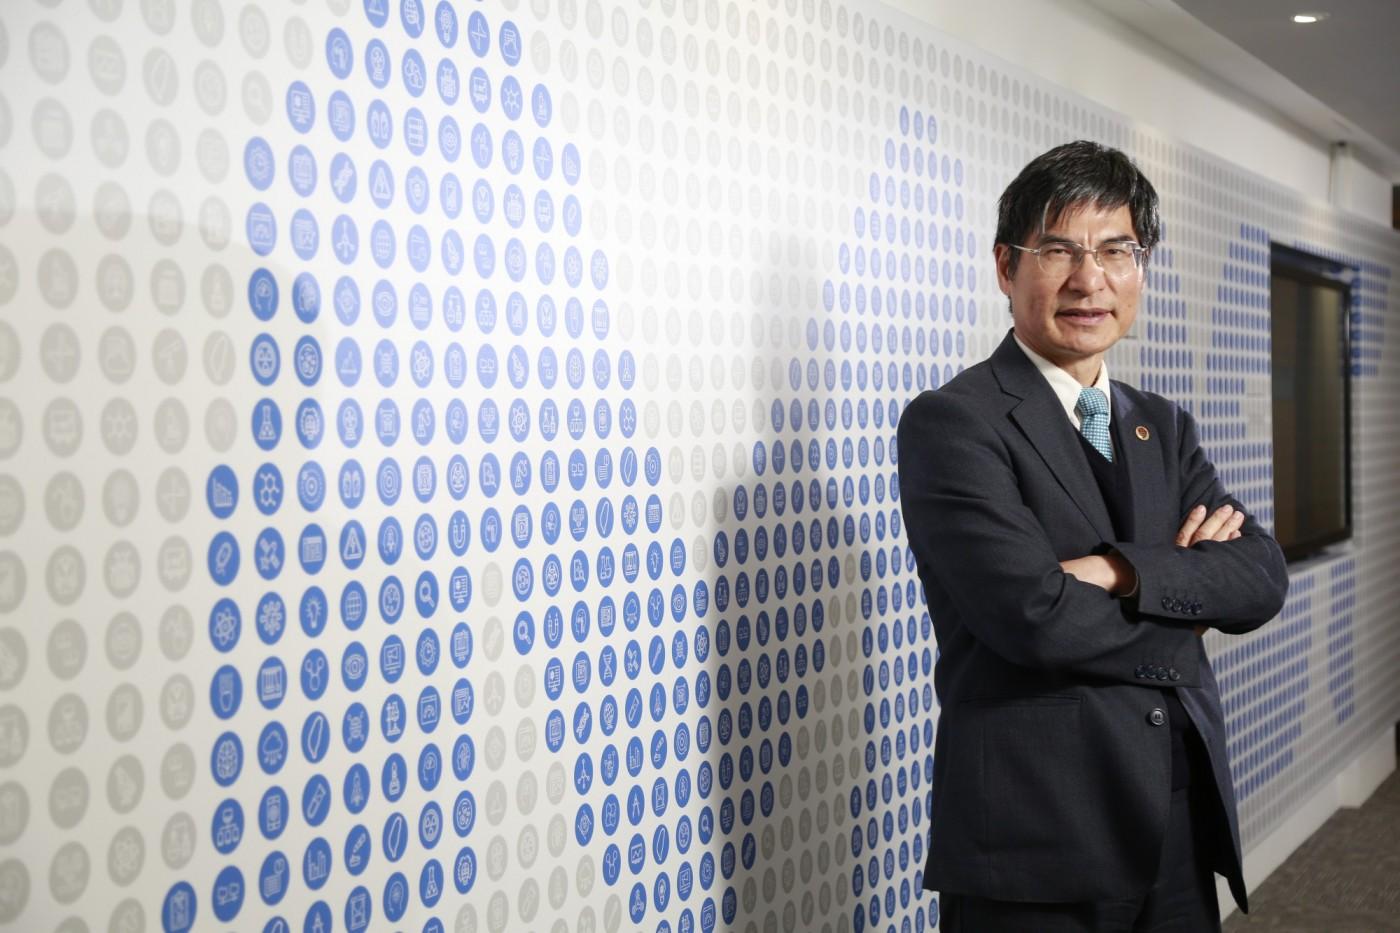 科技部部長陳良基:把握三個方向,讓台灣跟上自駕車典範轉移